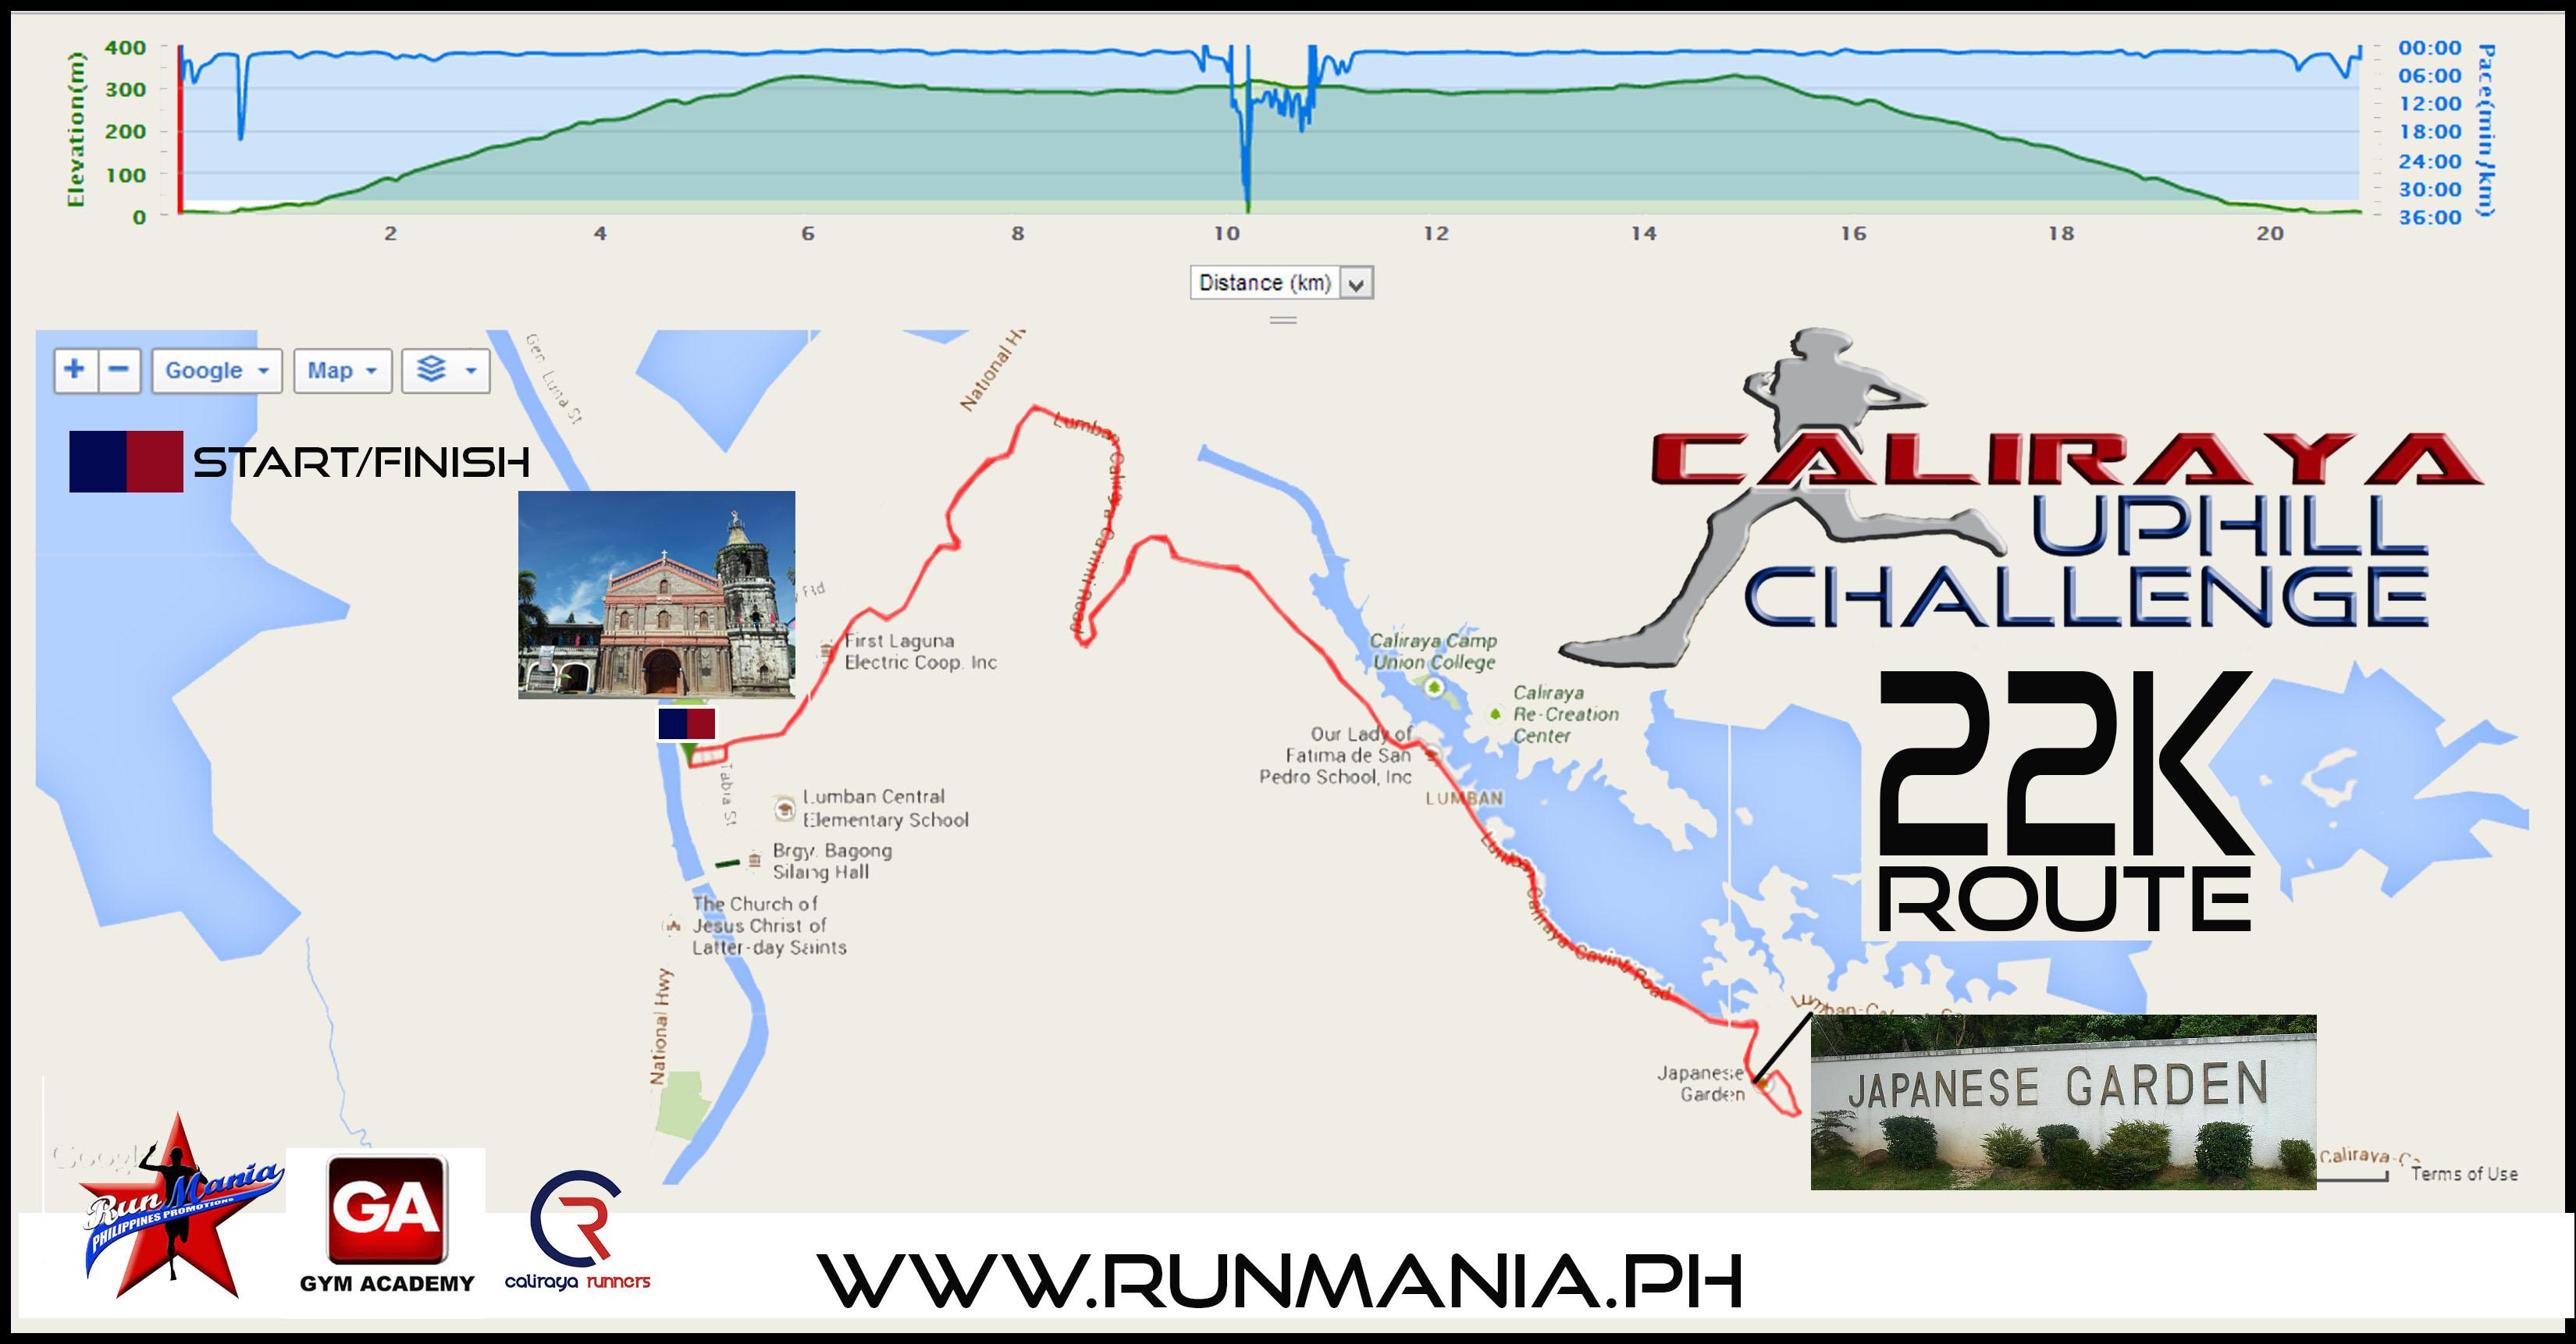 Gym-Academy-(GA)-Caliraya-Uphill-Challenge-route-map